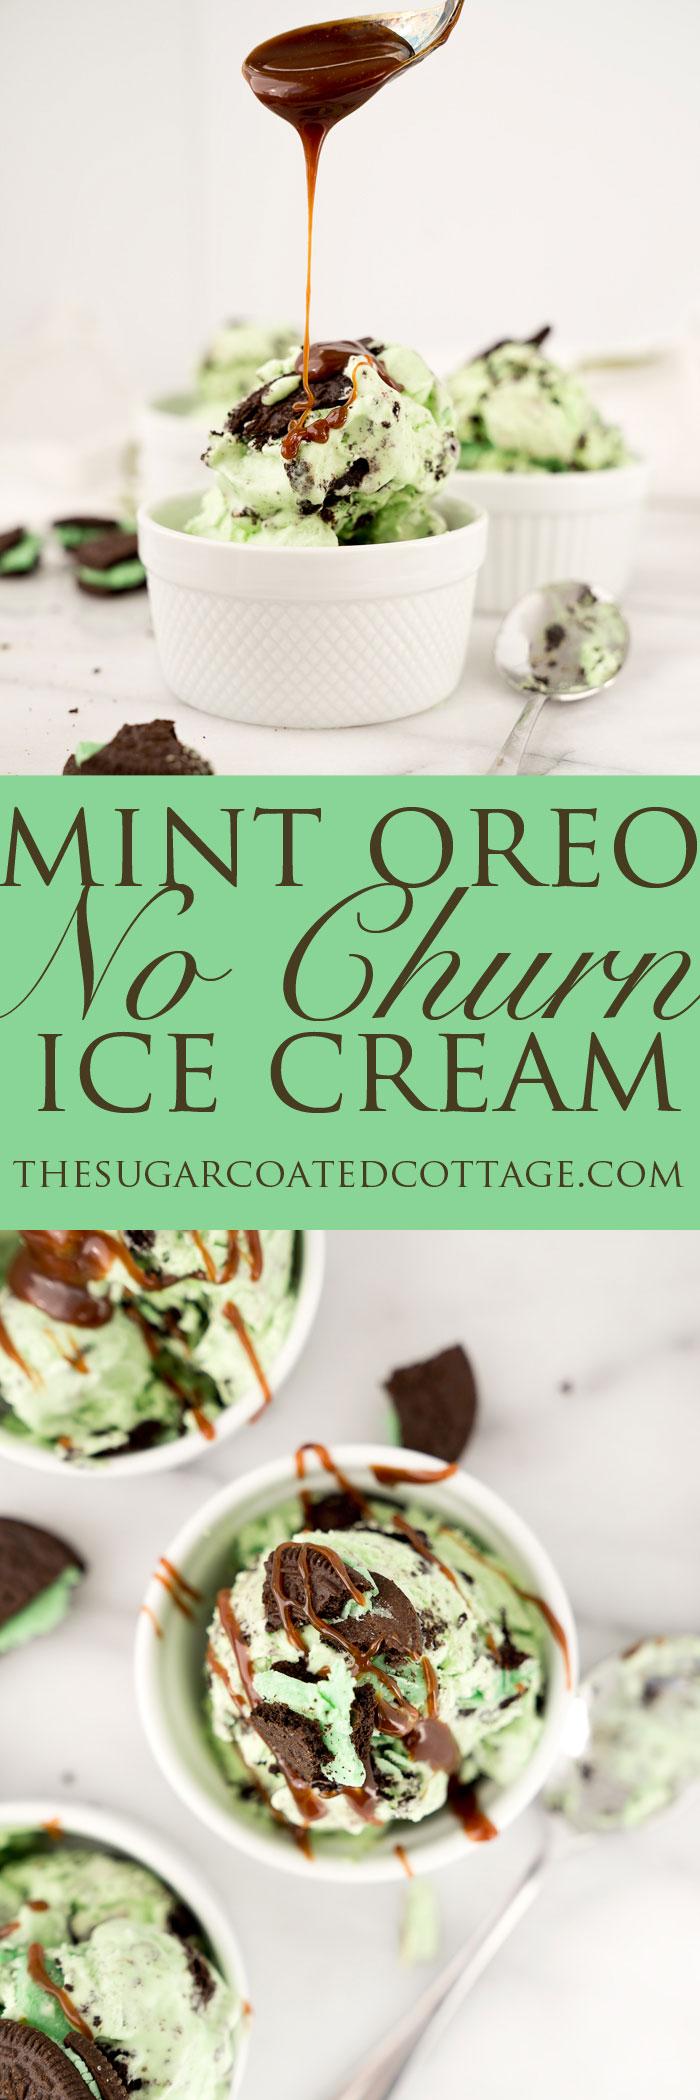 Minty Oreo No Churn Ice Cream